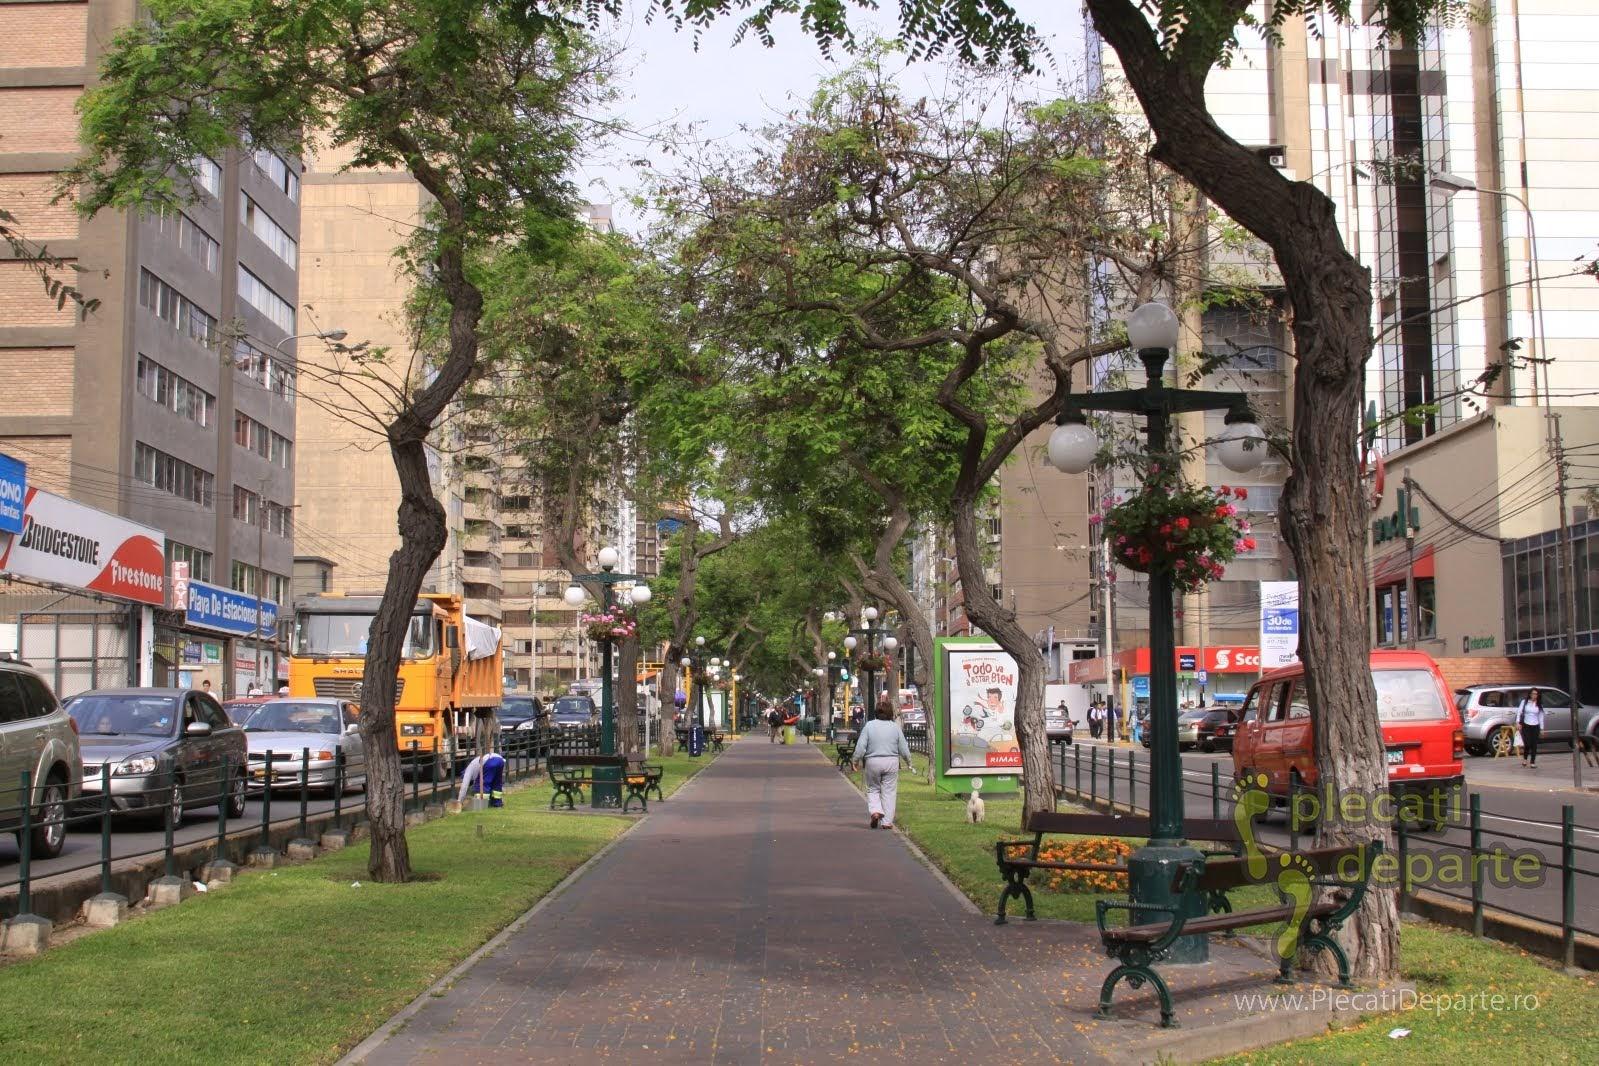 alee din zona centrala a orasului Lima, capitala Peru